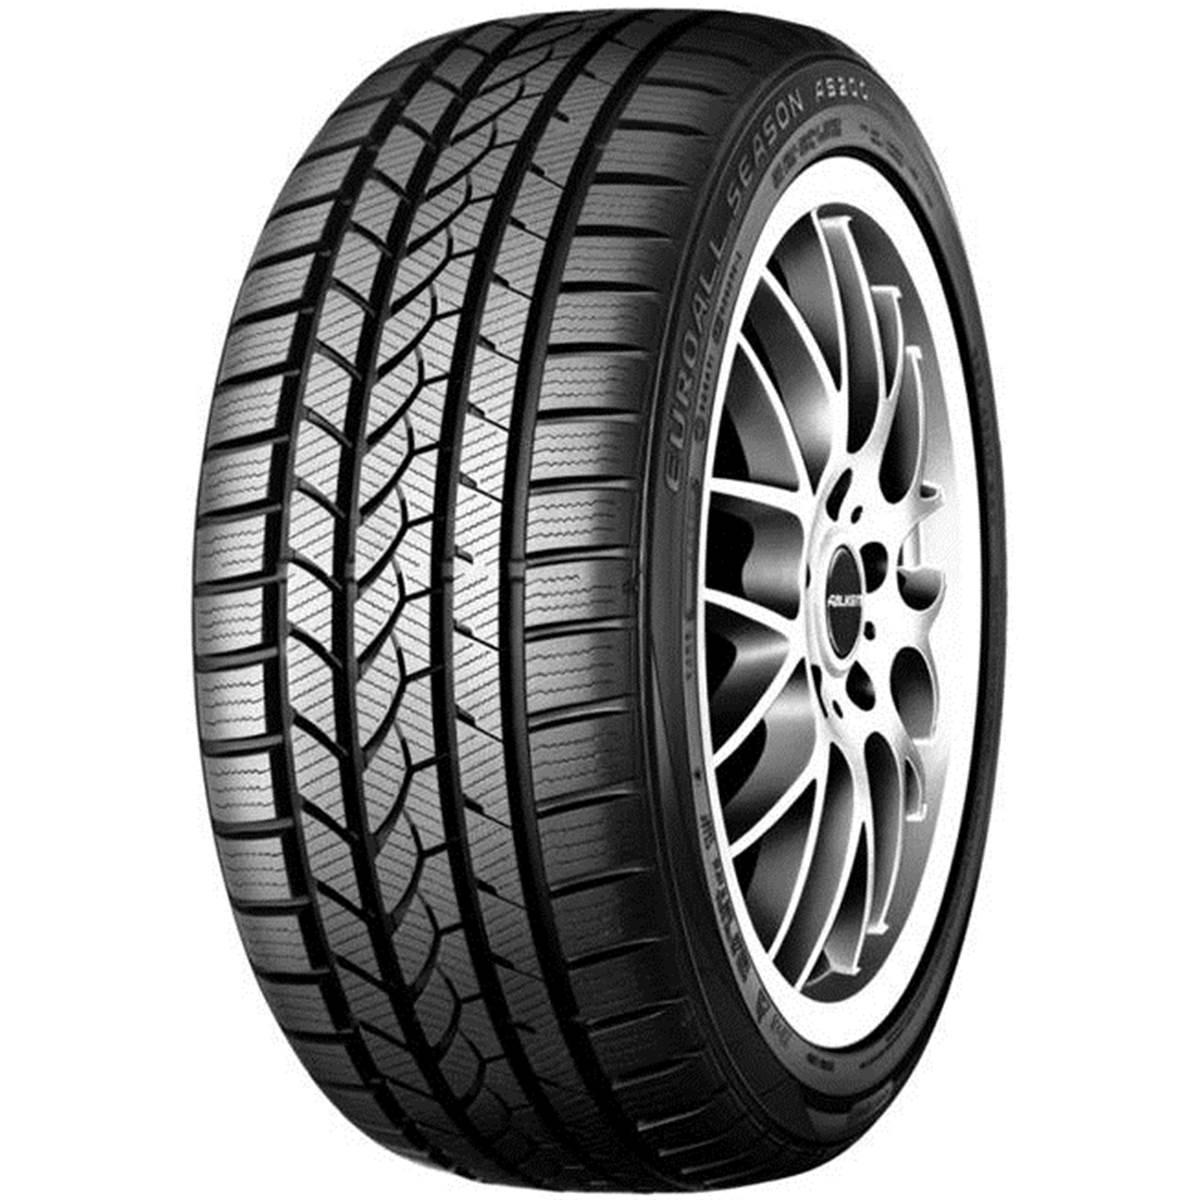 Falken As200 pneu